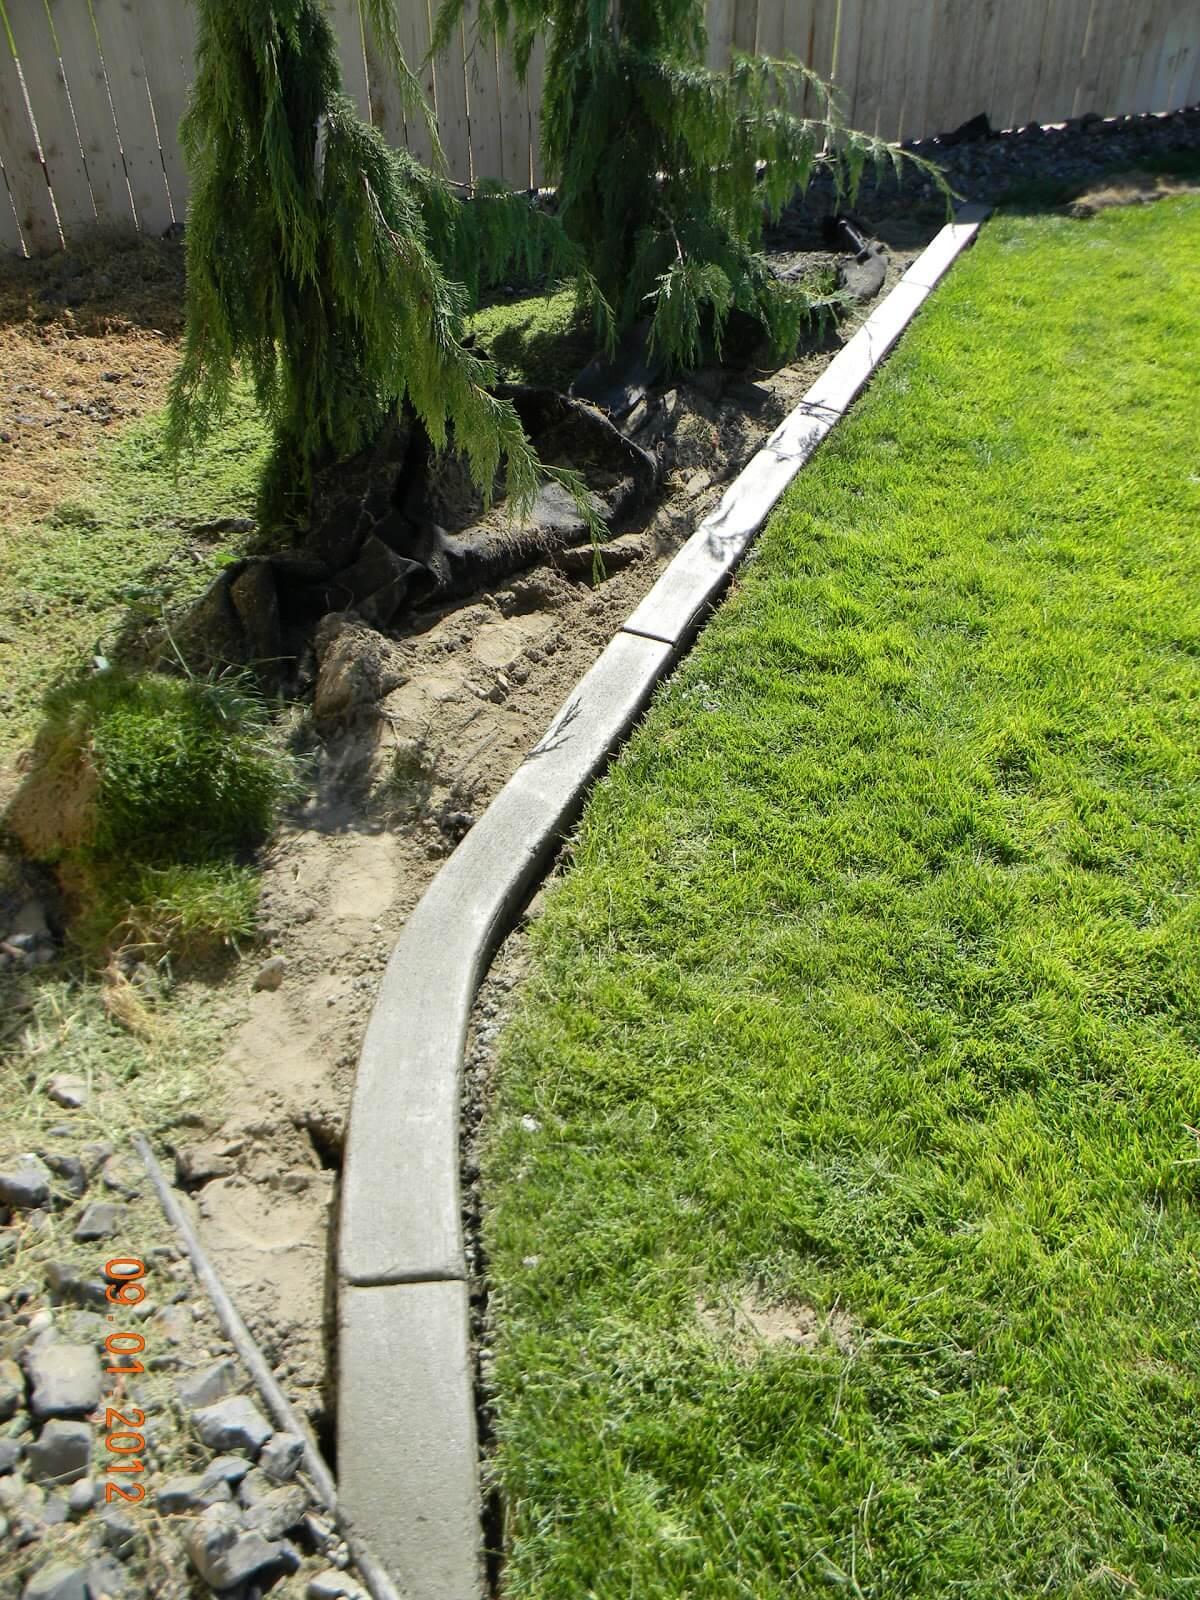 Slithering Through the Garden Concrete Edging